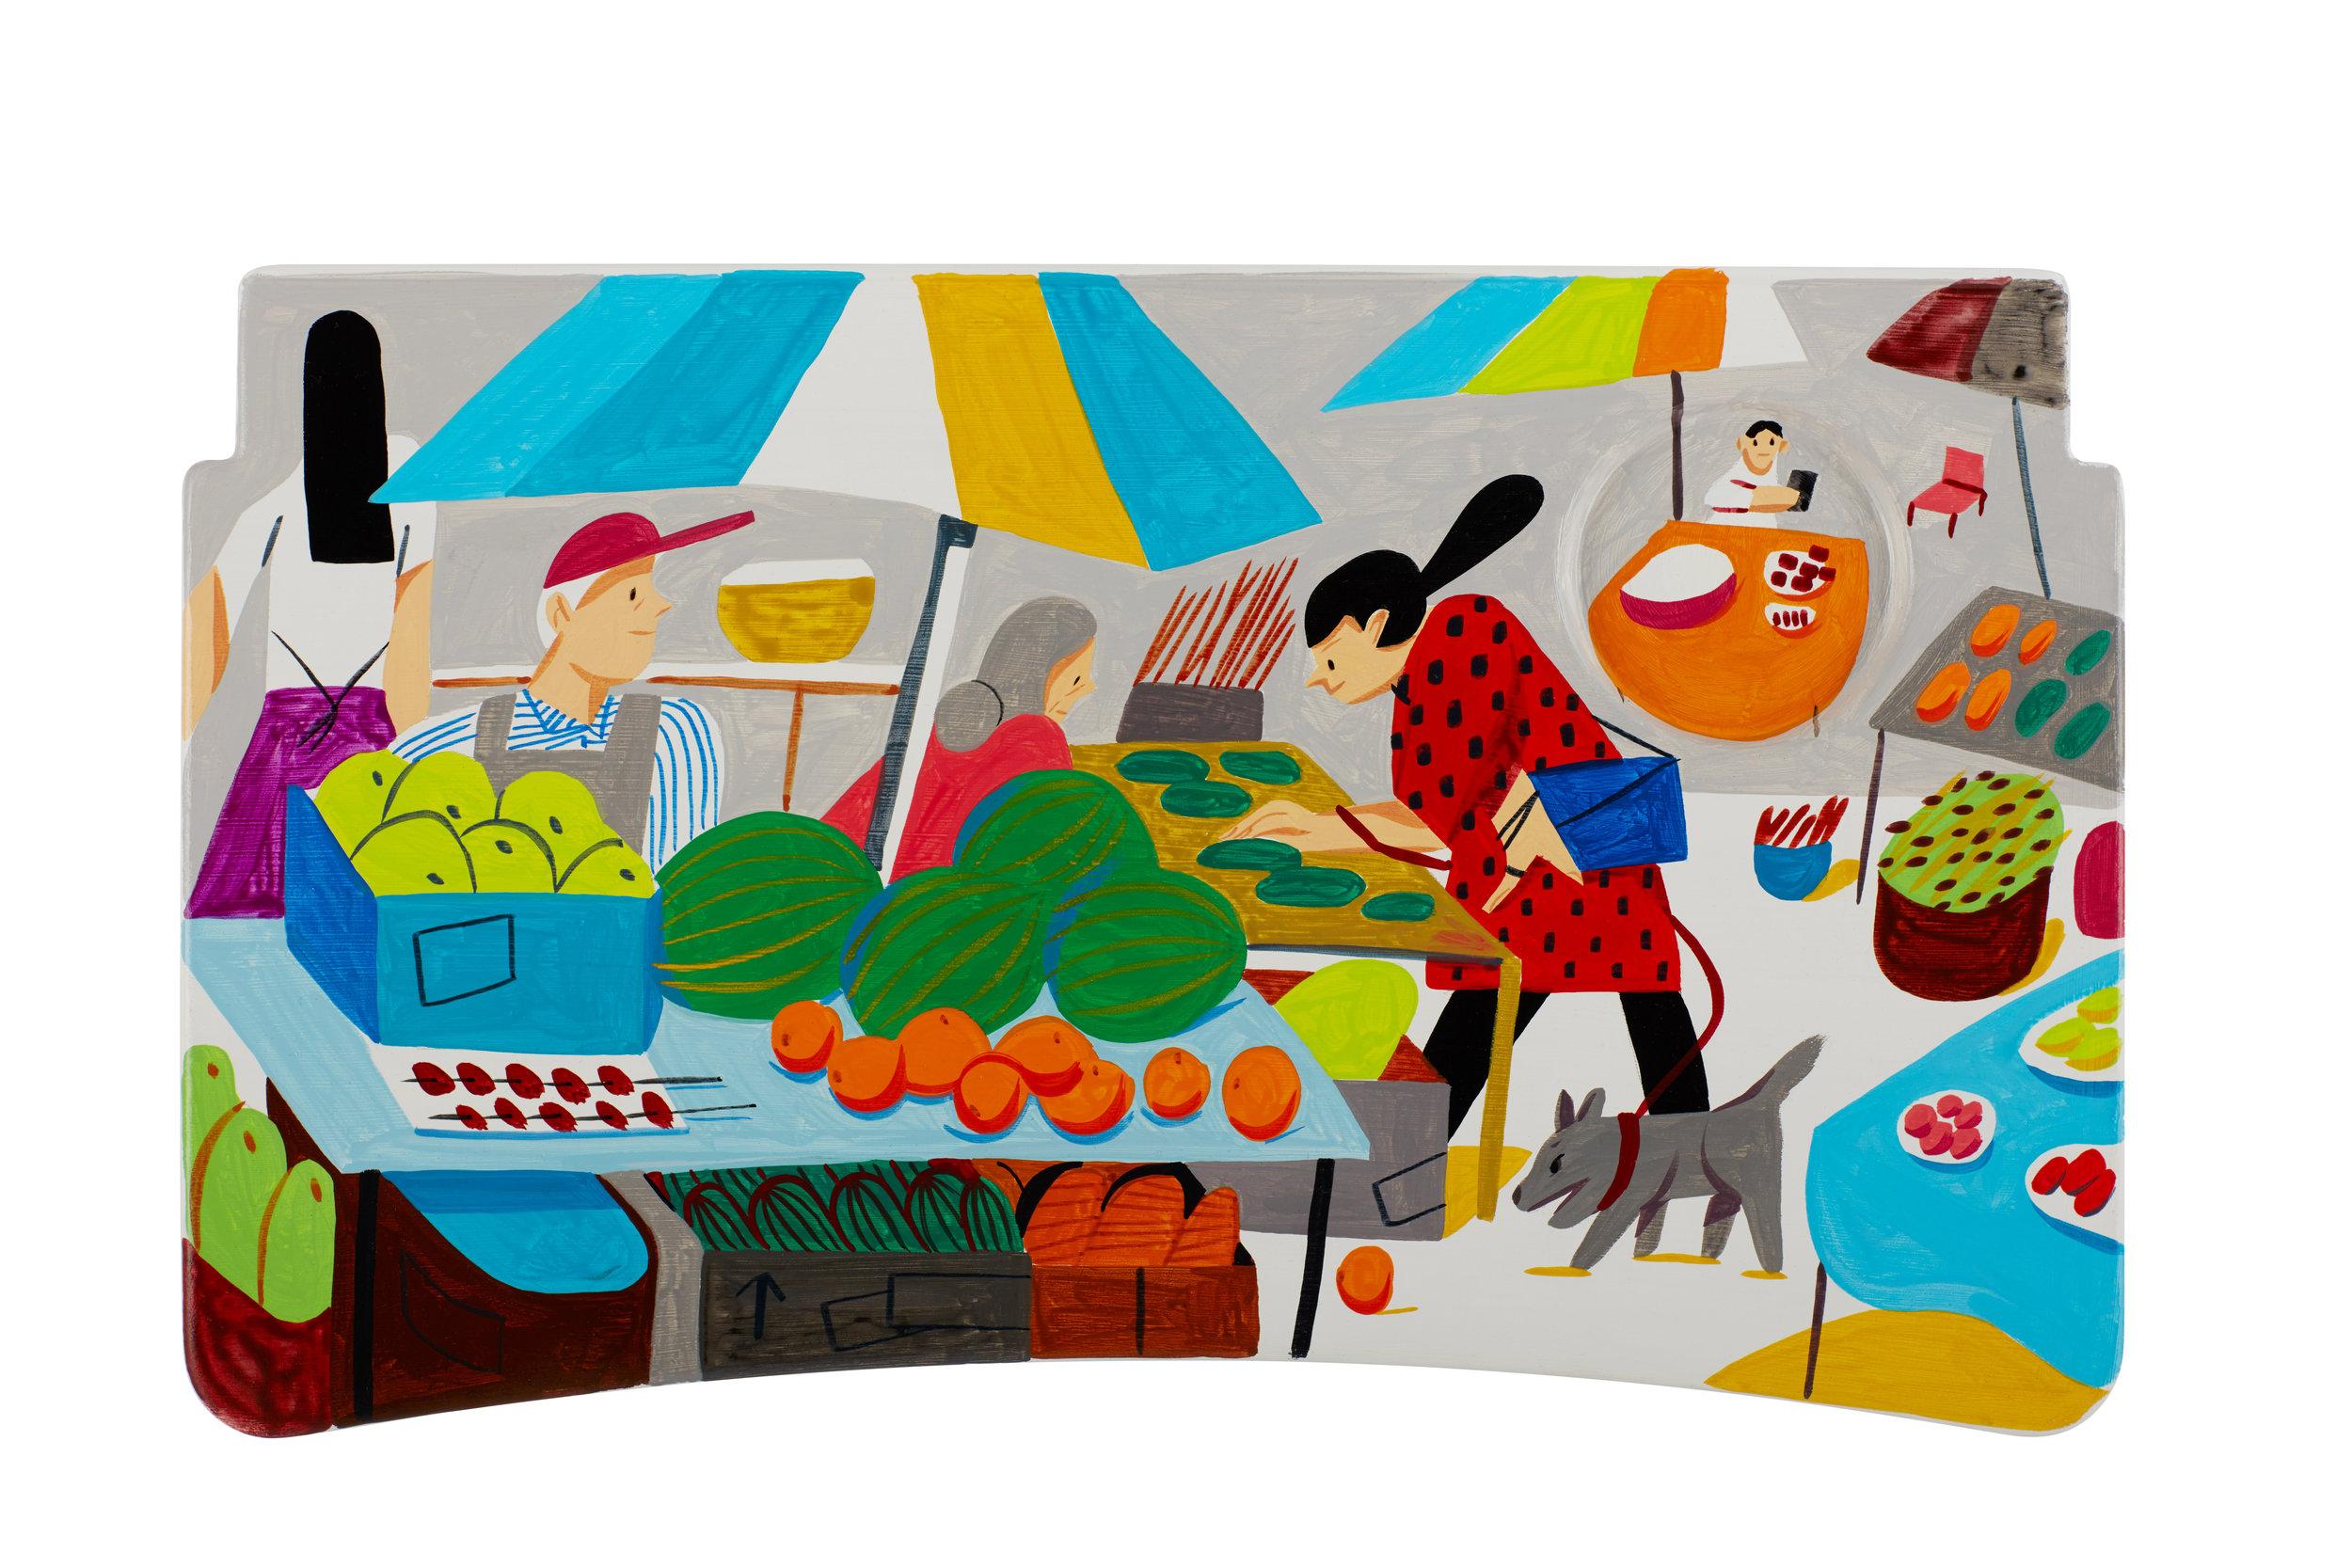 coke-tray-table_32649734191_o.jpg